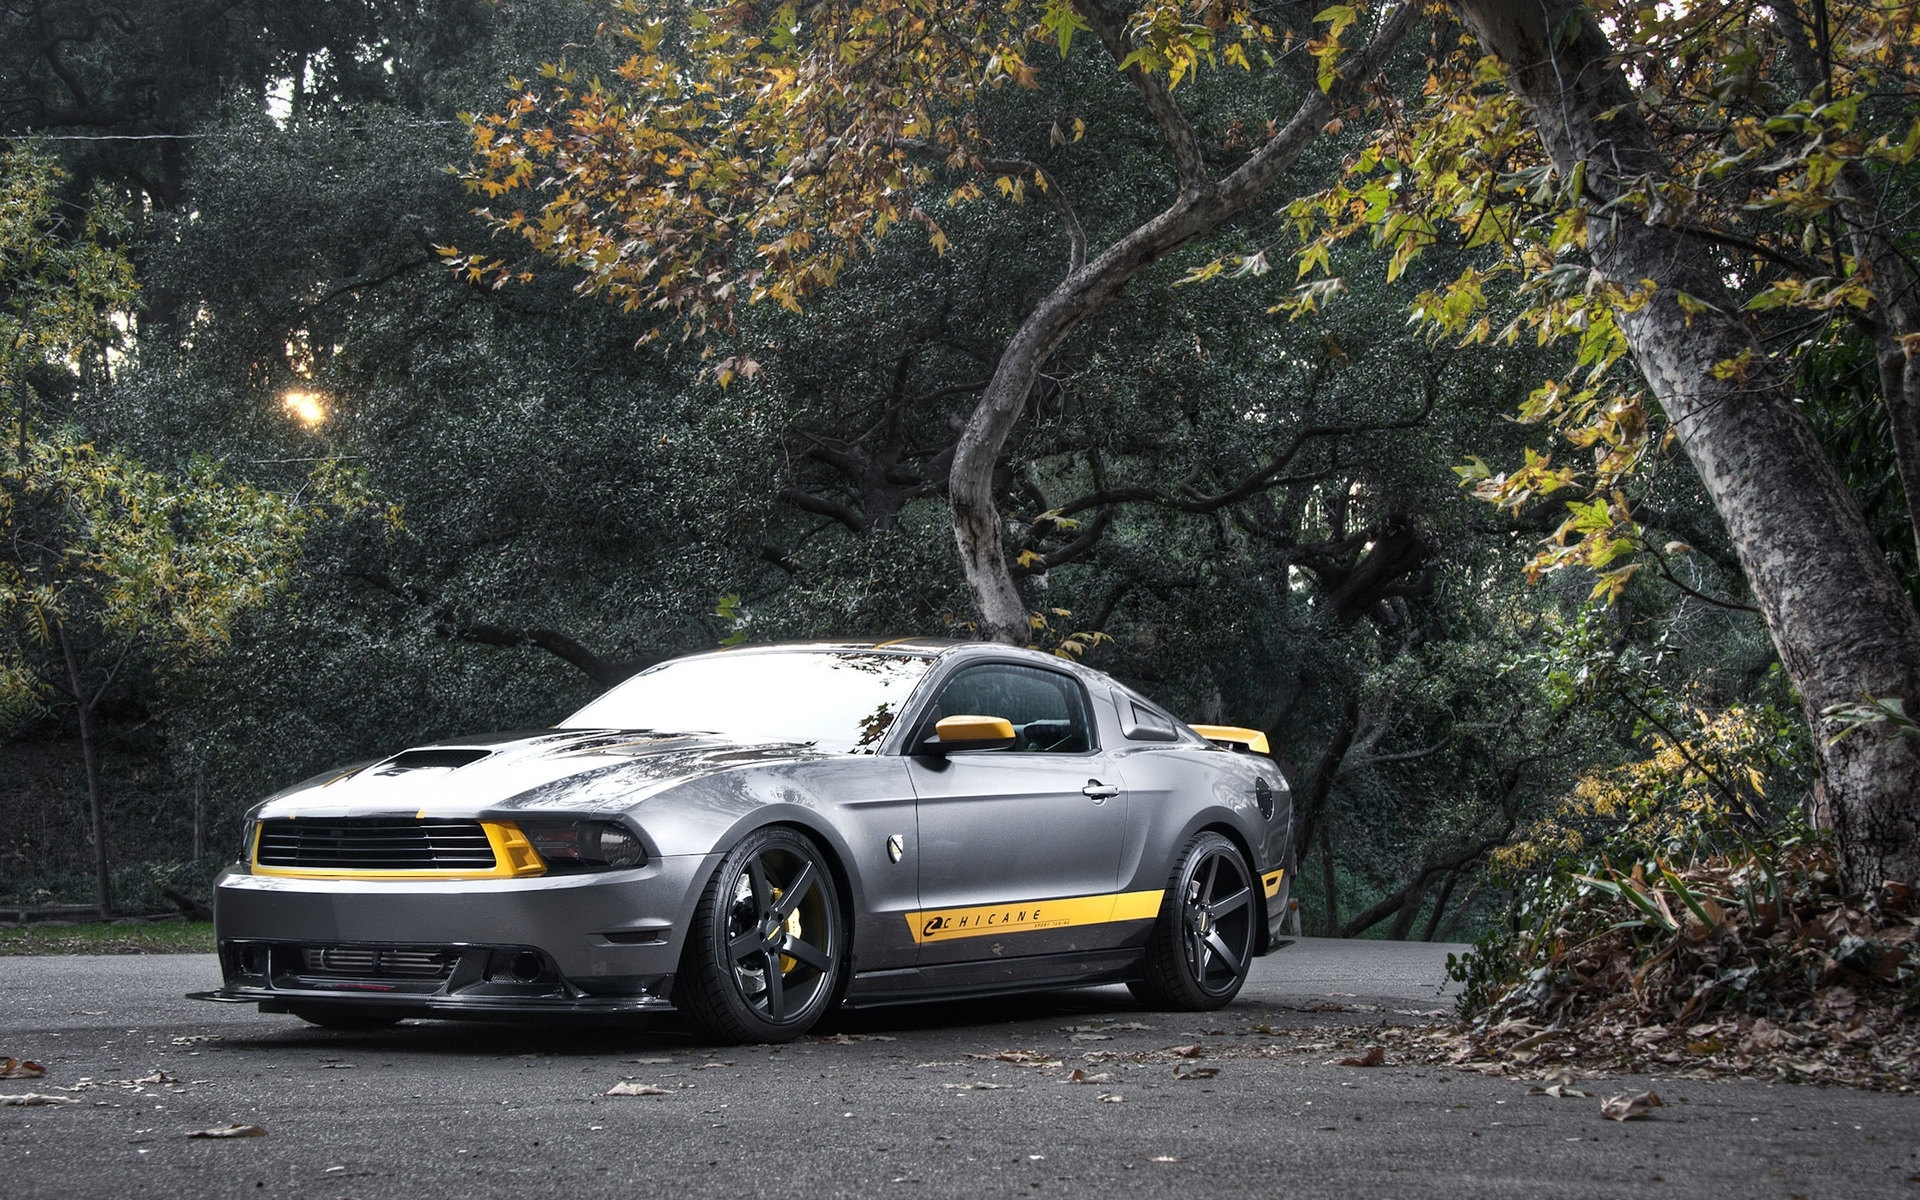 47980 скачать обои Транспорт, Машины, Мустанг (Mustang) - заставки и картинки бесплатно